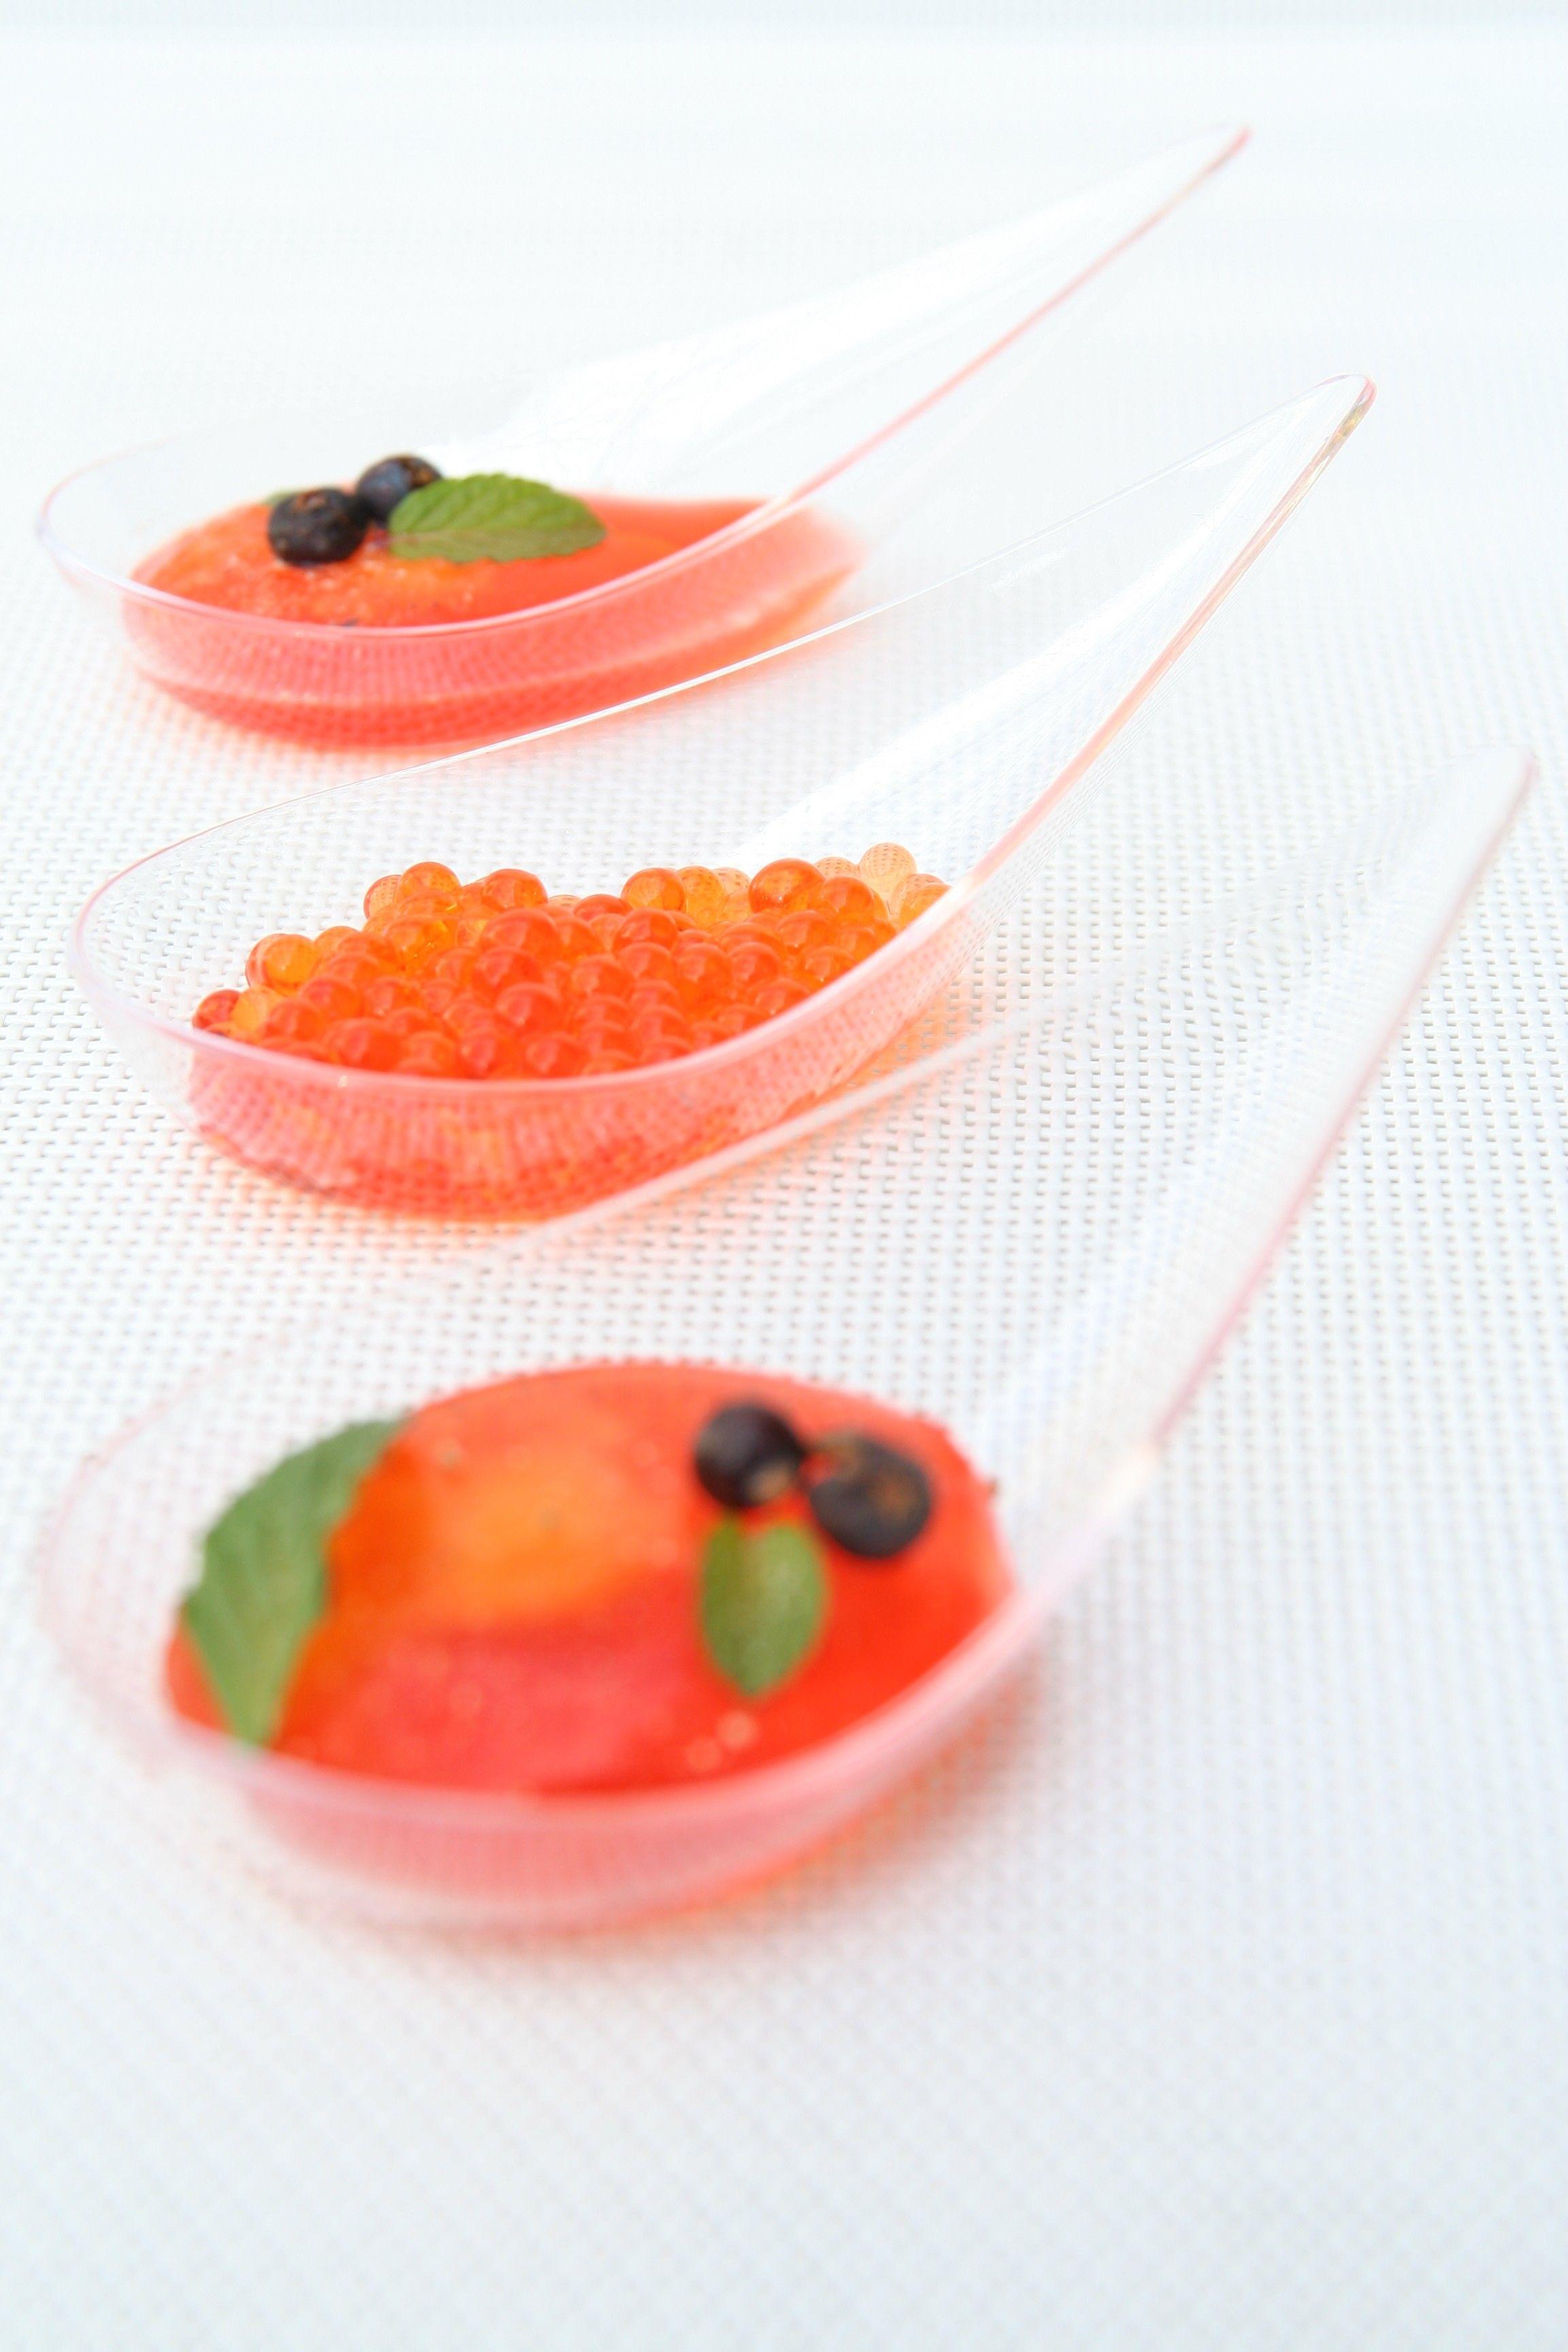 Cucina molecolare day 2 raviolo liquido di aperol e arancia sferificazione food ethnic - Cucina molecolare sferificazione ...